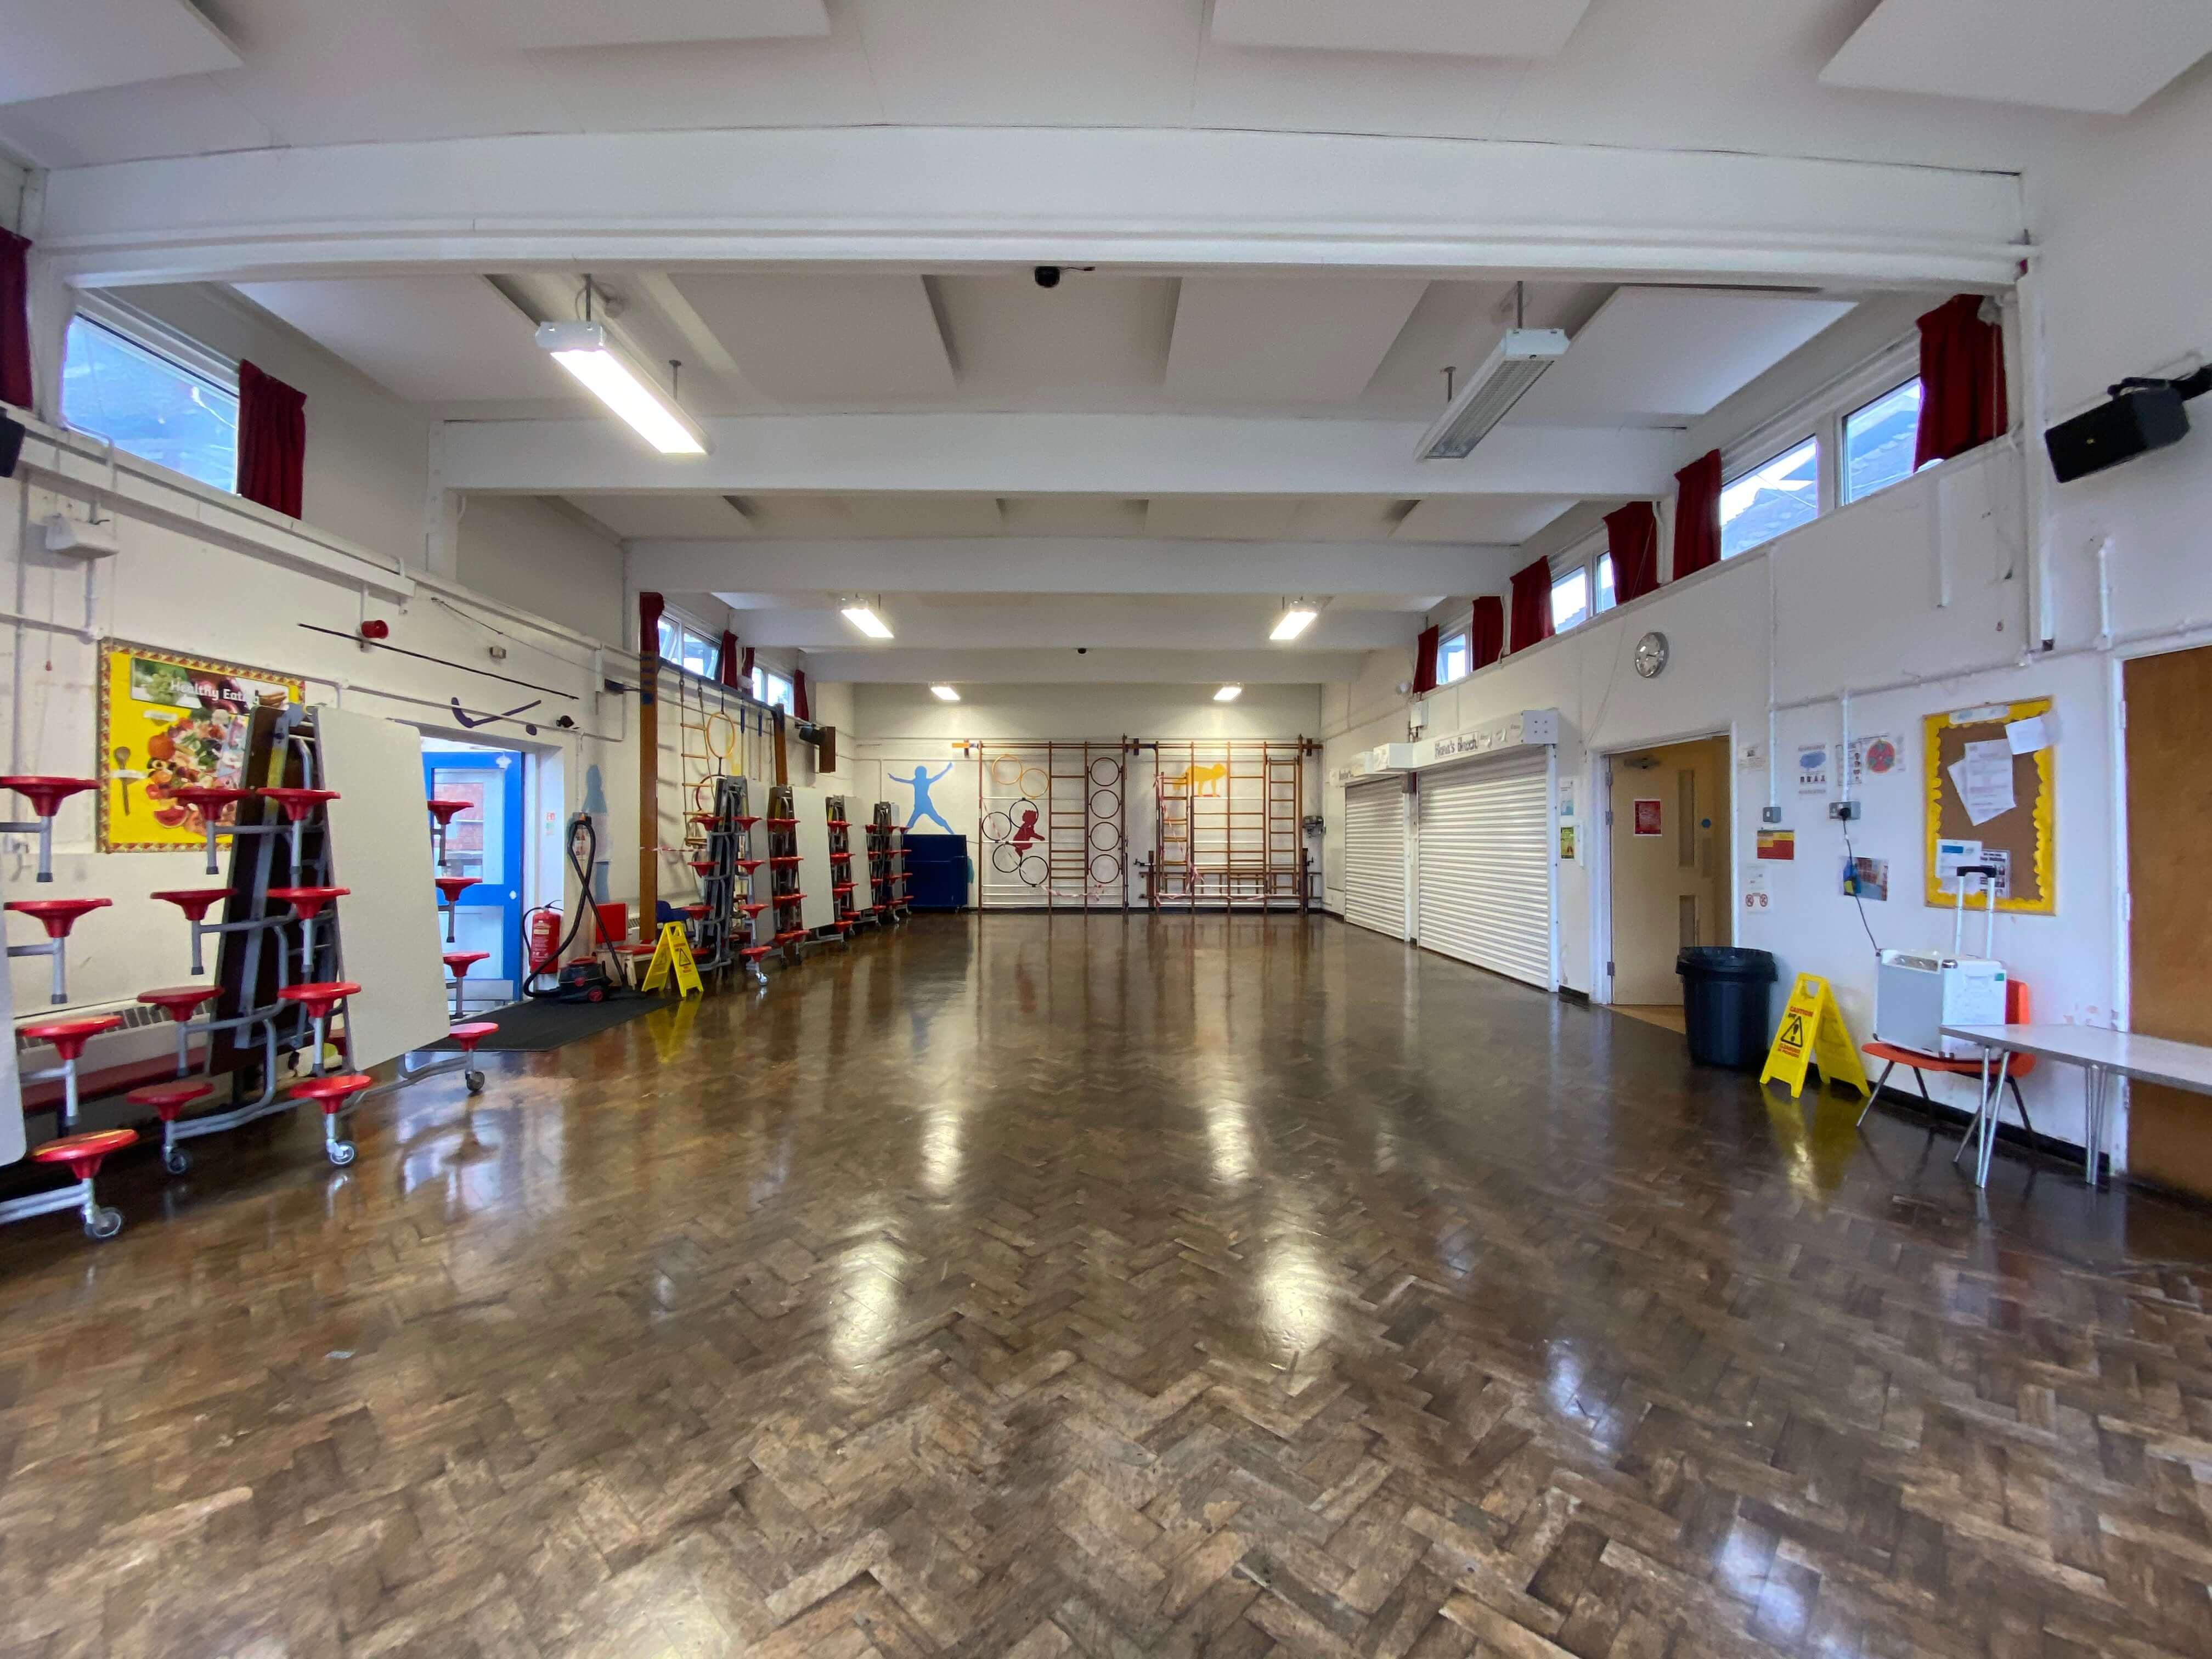 Summerside School Small Hall